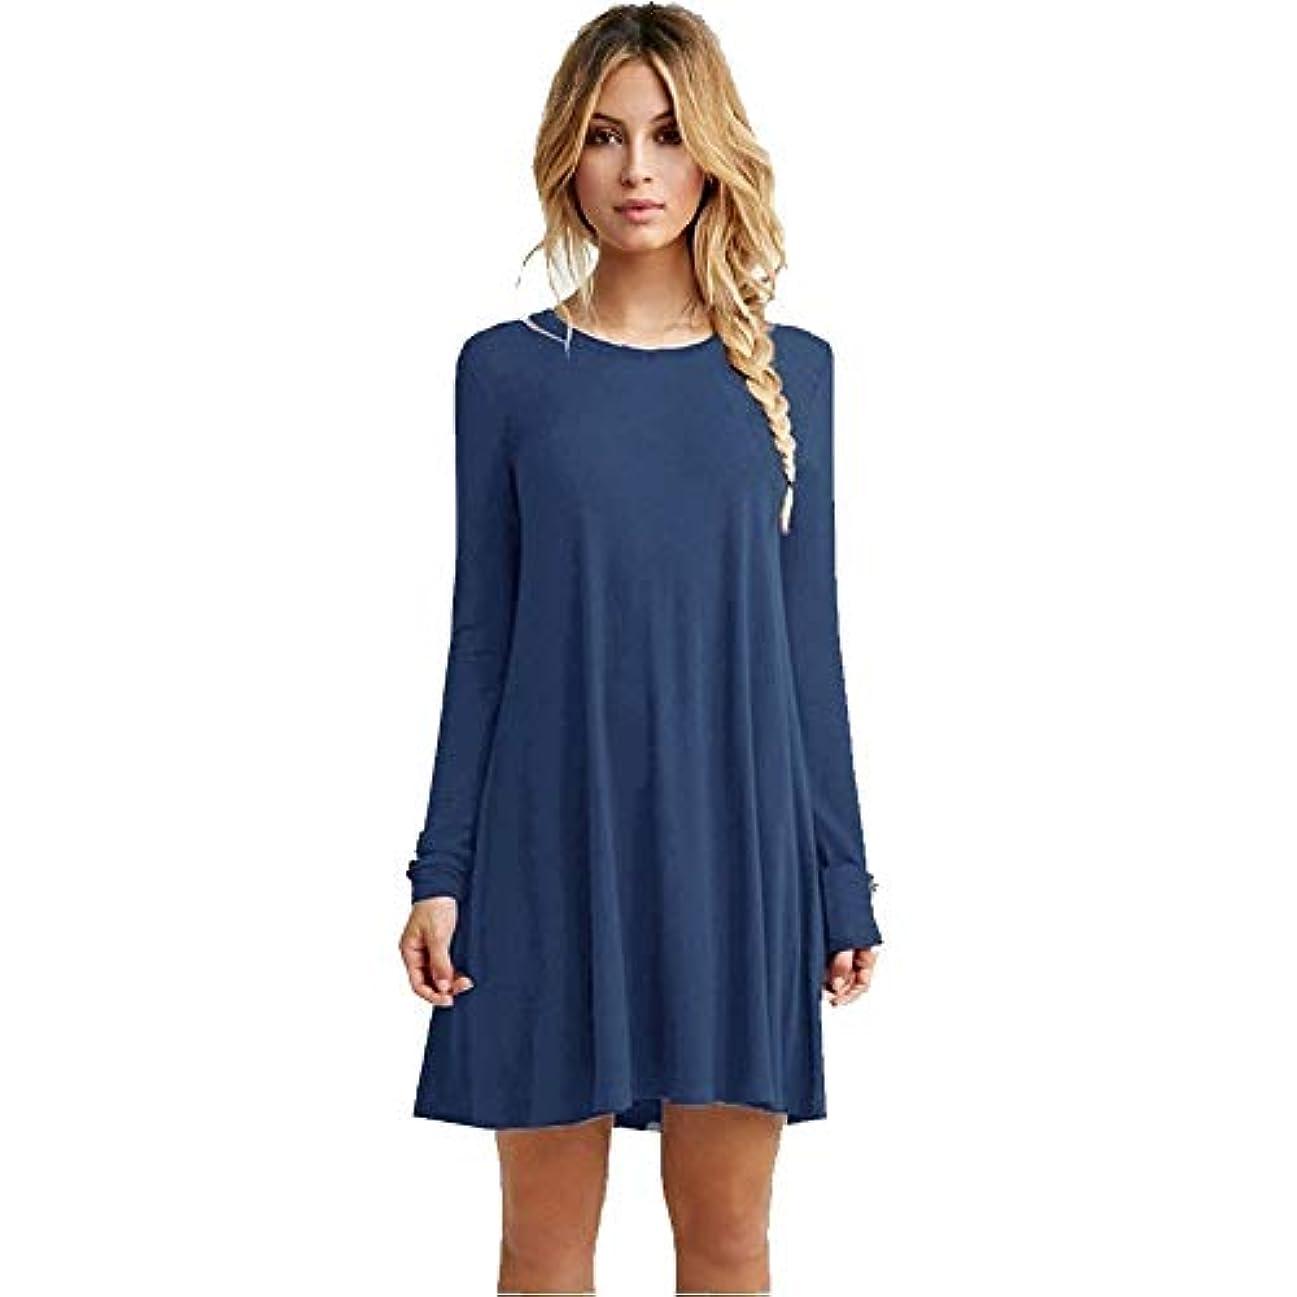 モードリン長老極めて重要なMIFANルースドレス、プラスサイズのドレス、長袖のドレス、女性のドレス、秋のドレス、マキシドレス、コットンドレス